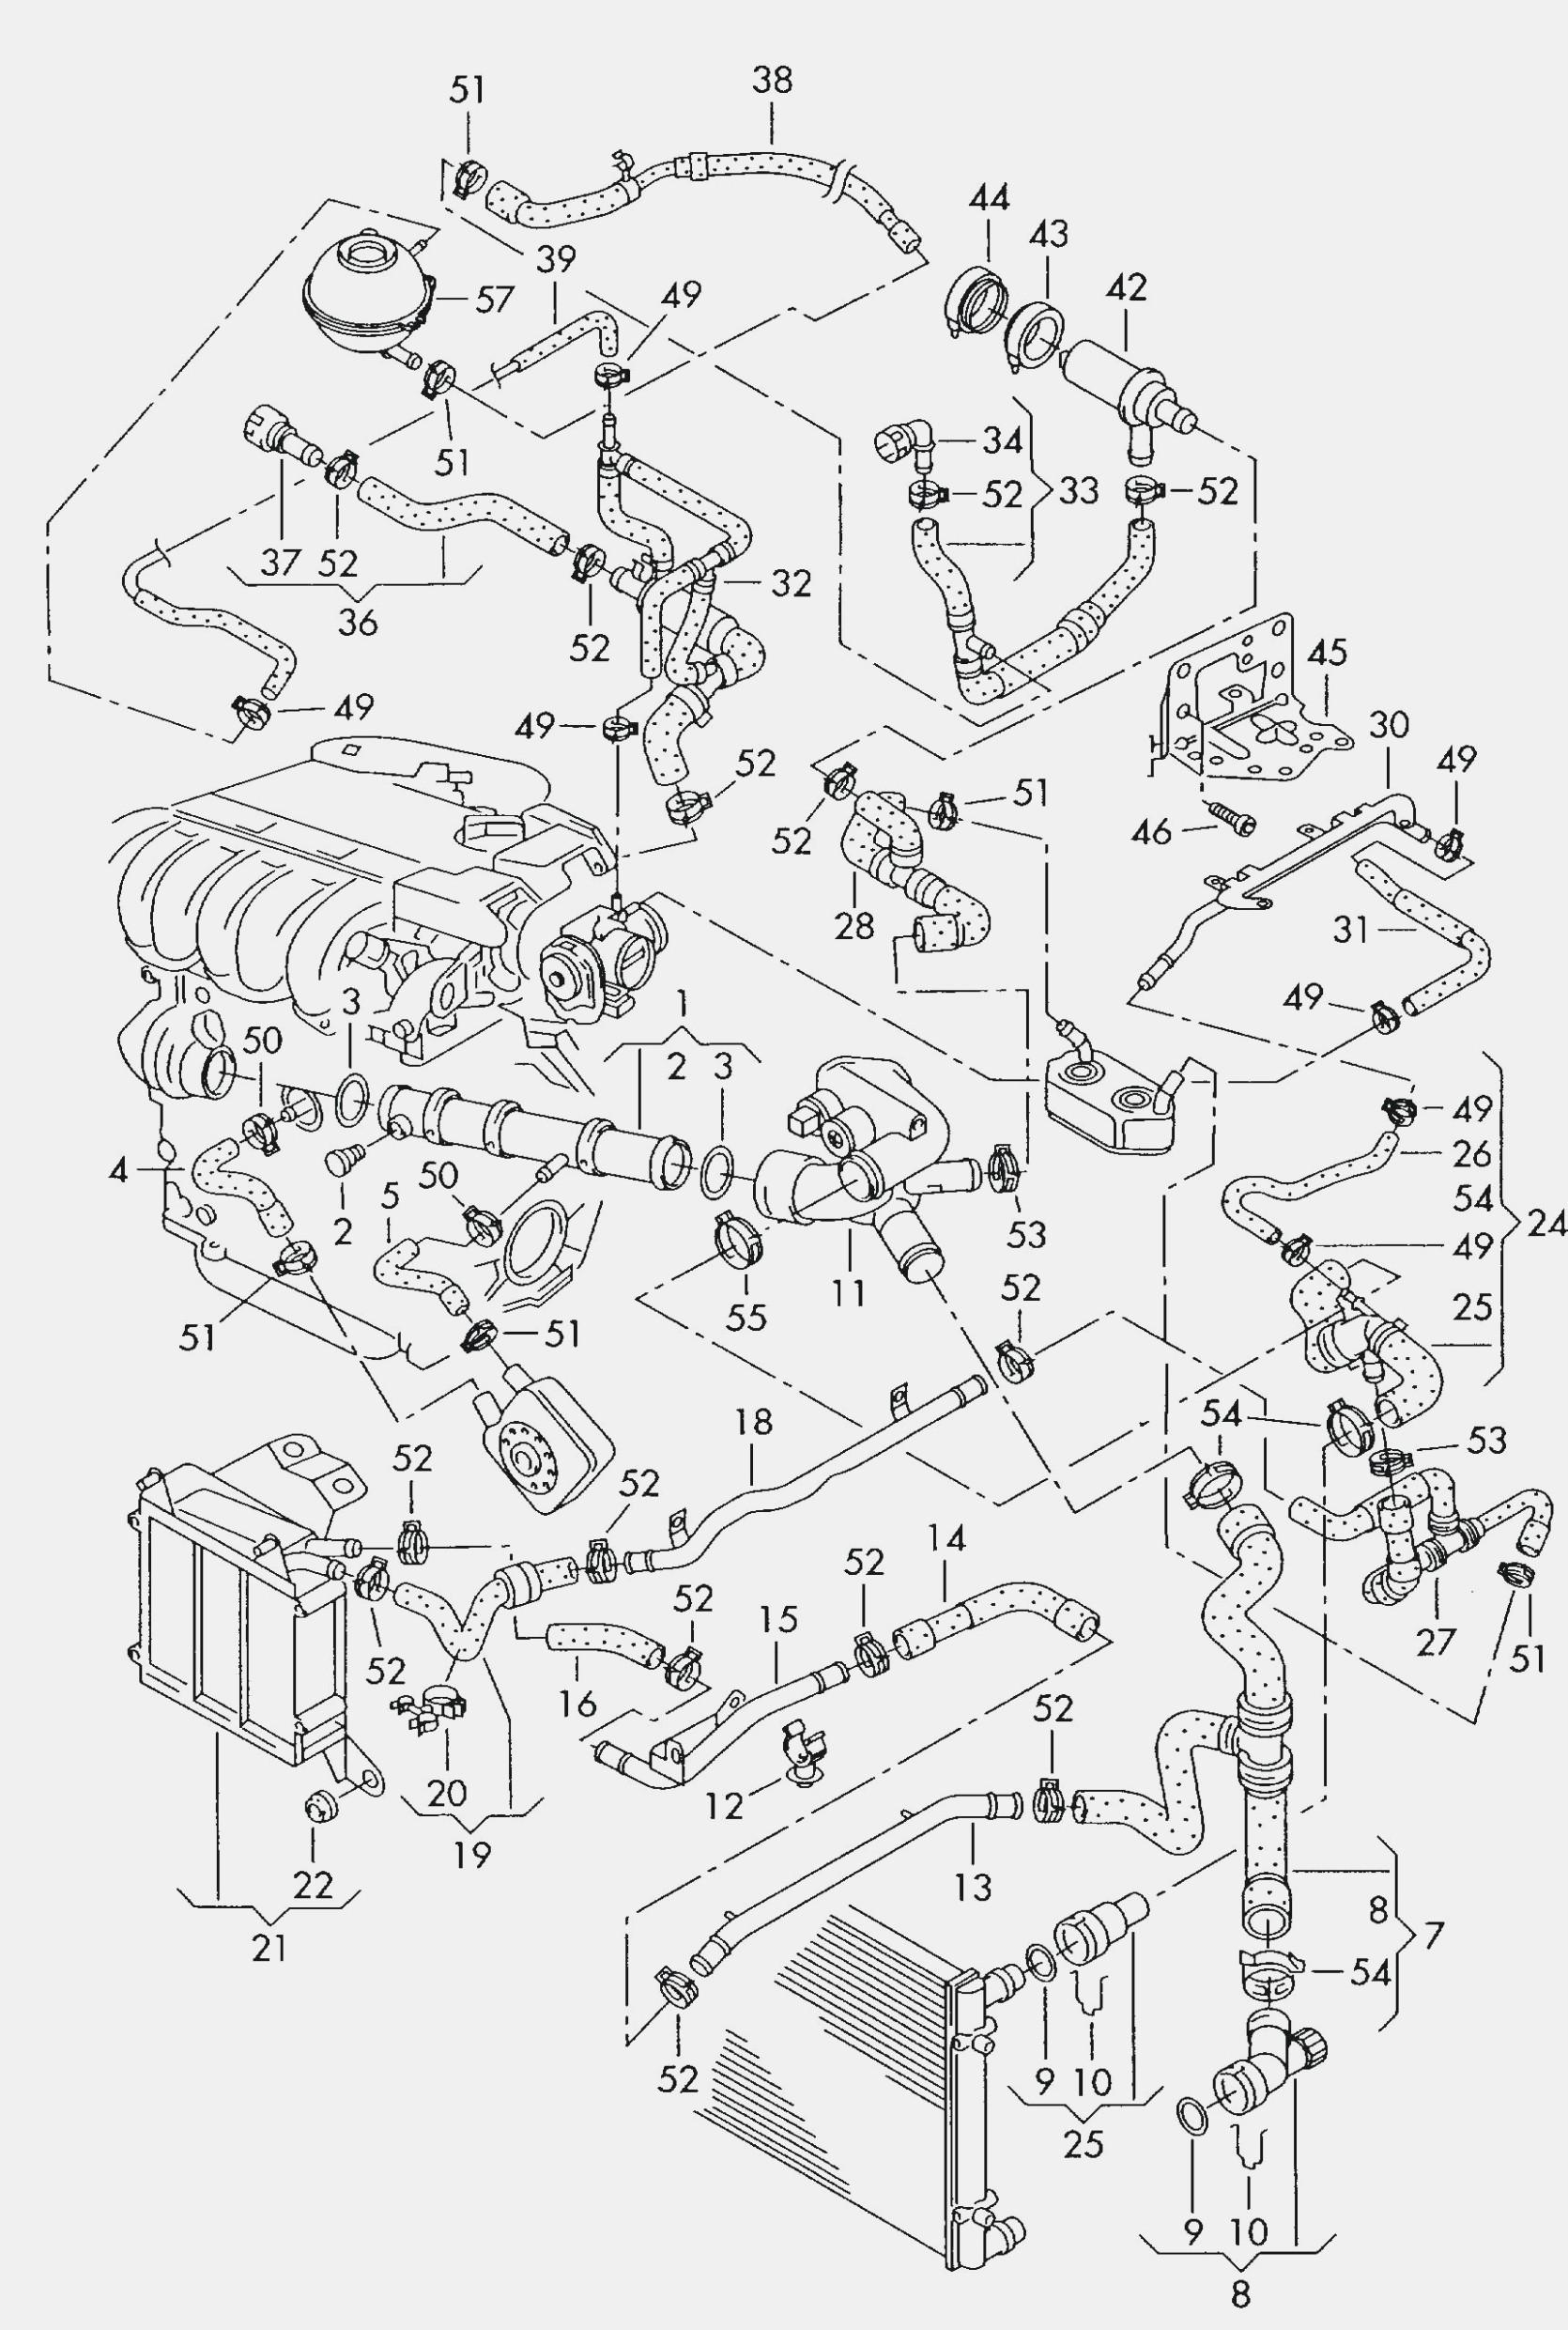 2001 Vw Passat 1 8 T Engine Diagram Volkswagen Timing Belt and Cover Volkswagen Circuit Diagrams Of 2001 Vw Passat 1 8 T Engine Diagram